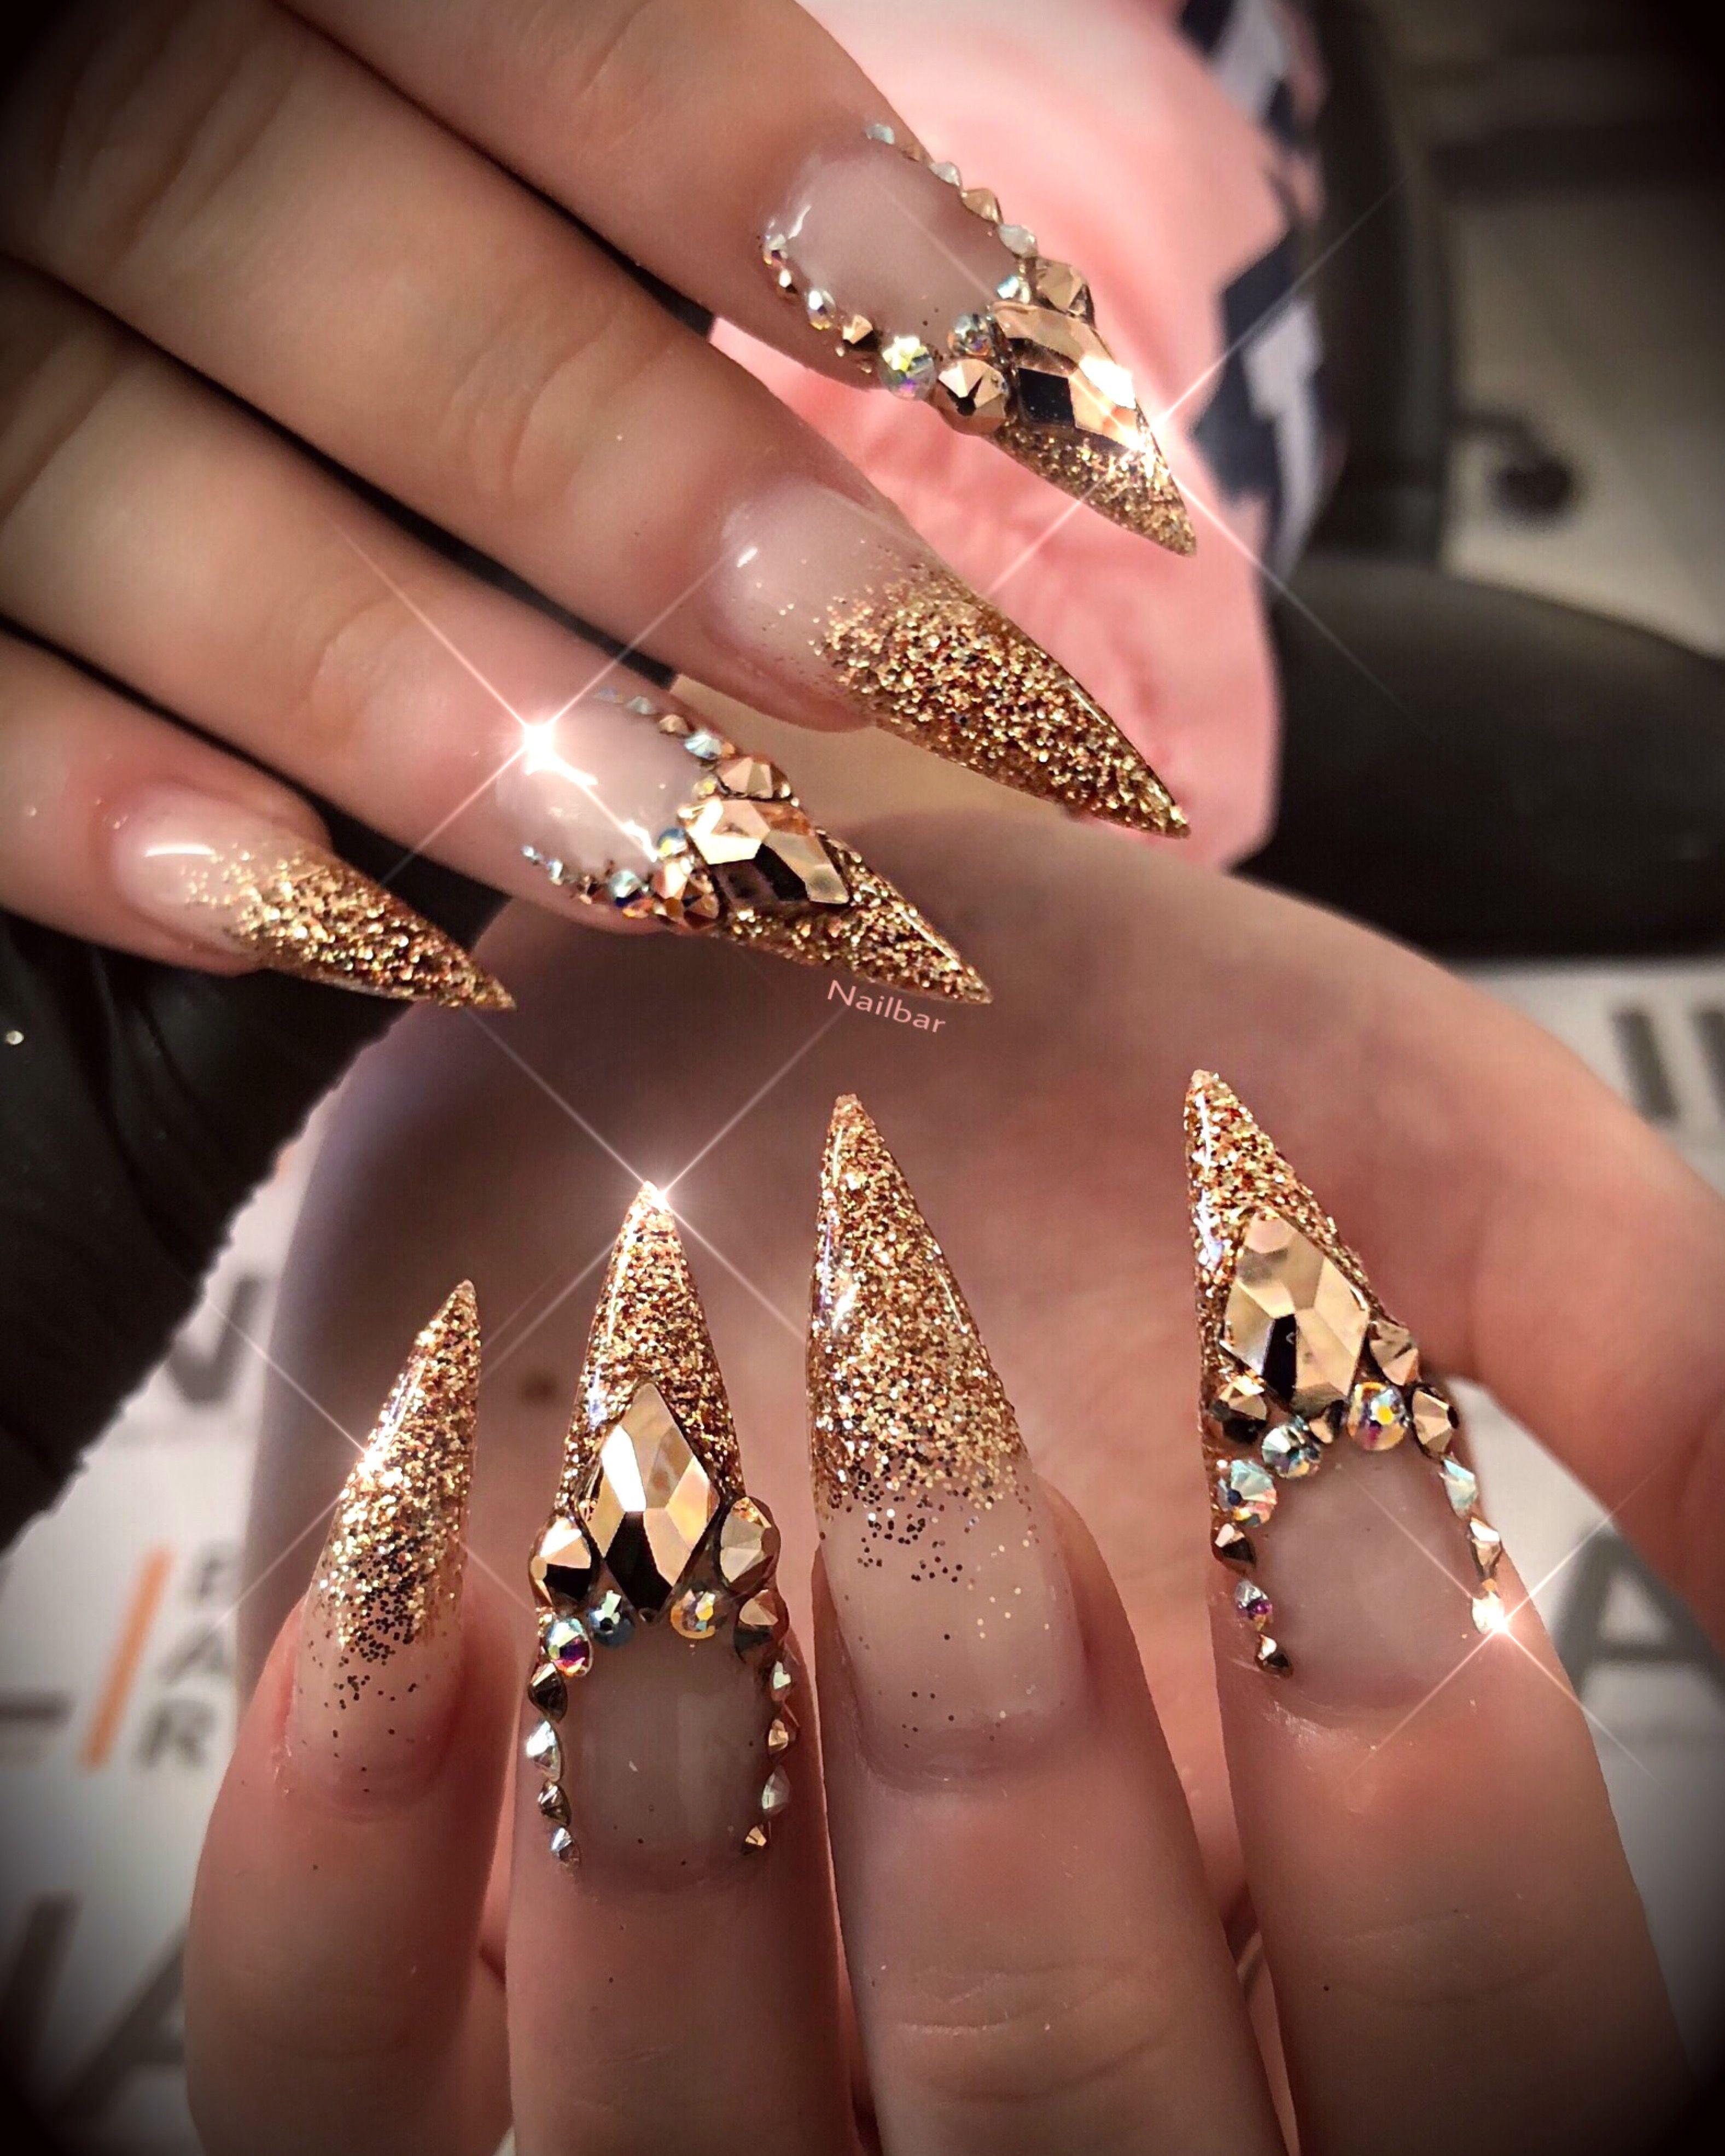 Pin by Miriam Salinas on Nails | Pinterest | Nail nail, Make up and ...